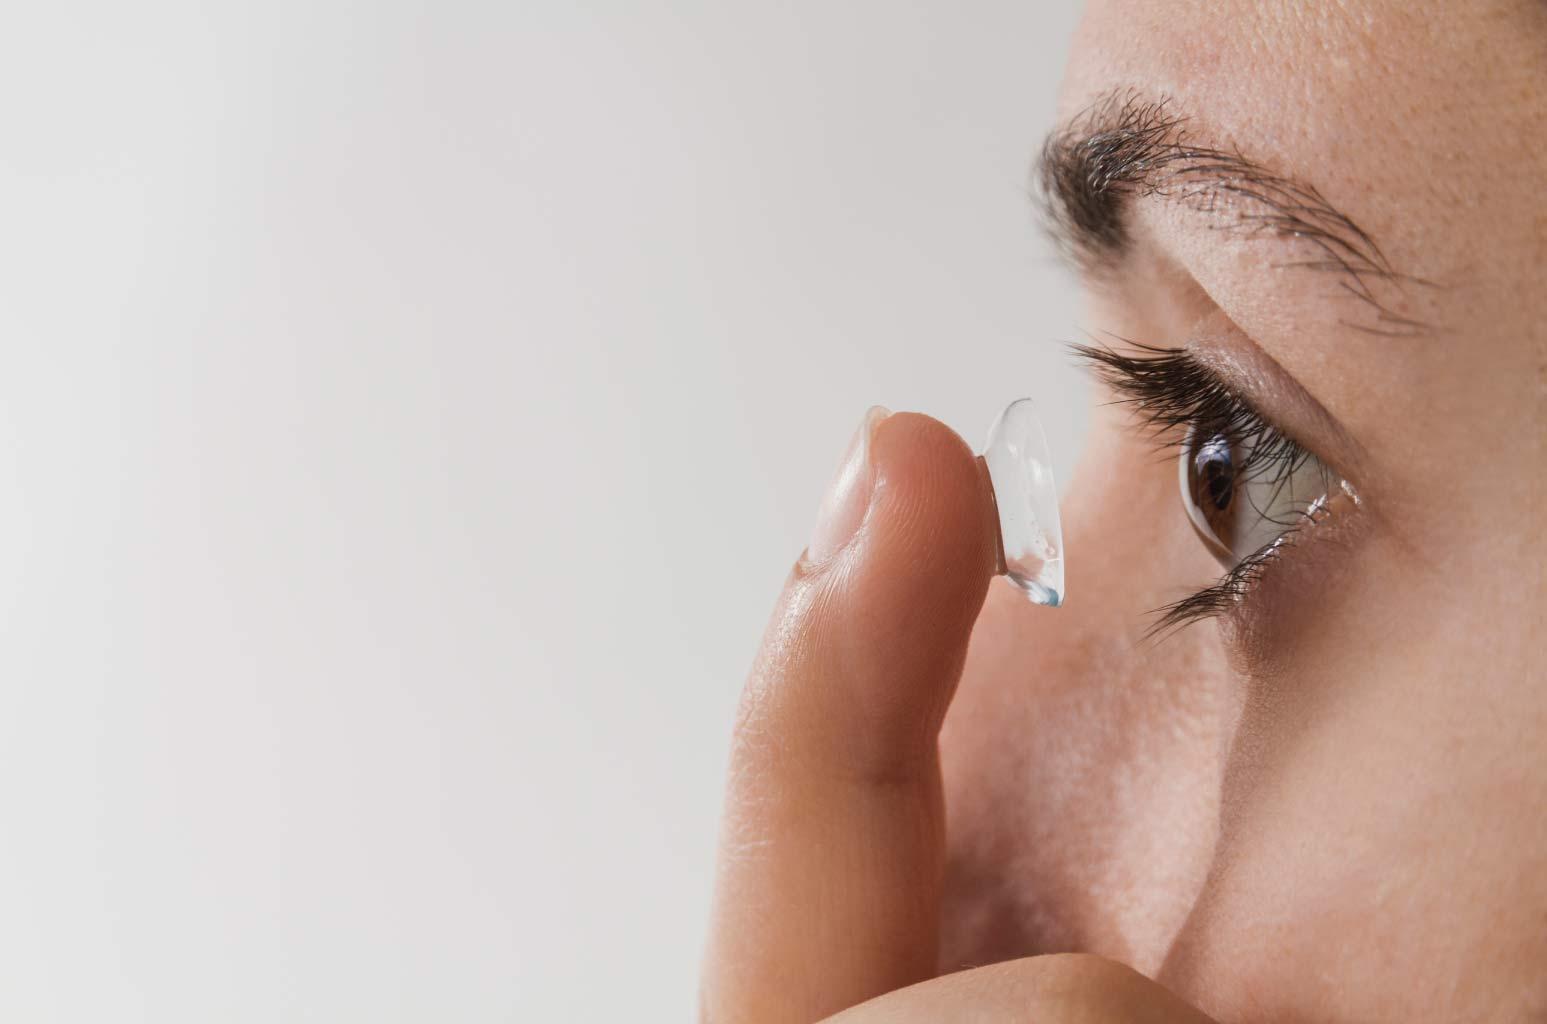 Les 10 Mythes sur les lentilles de contact